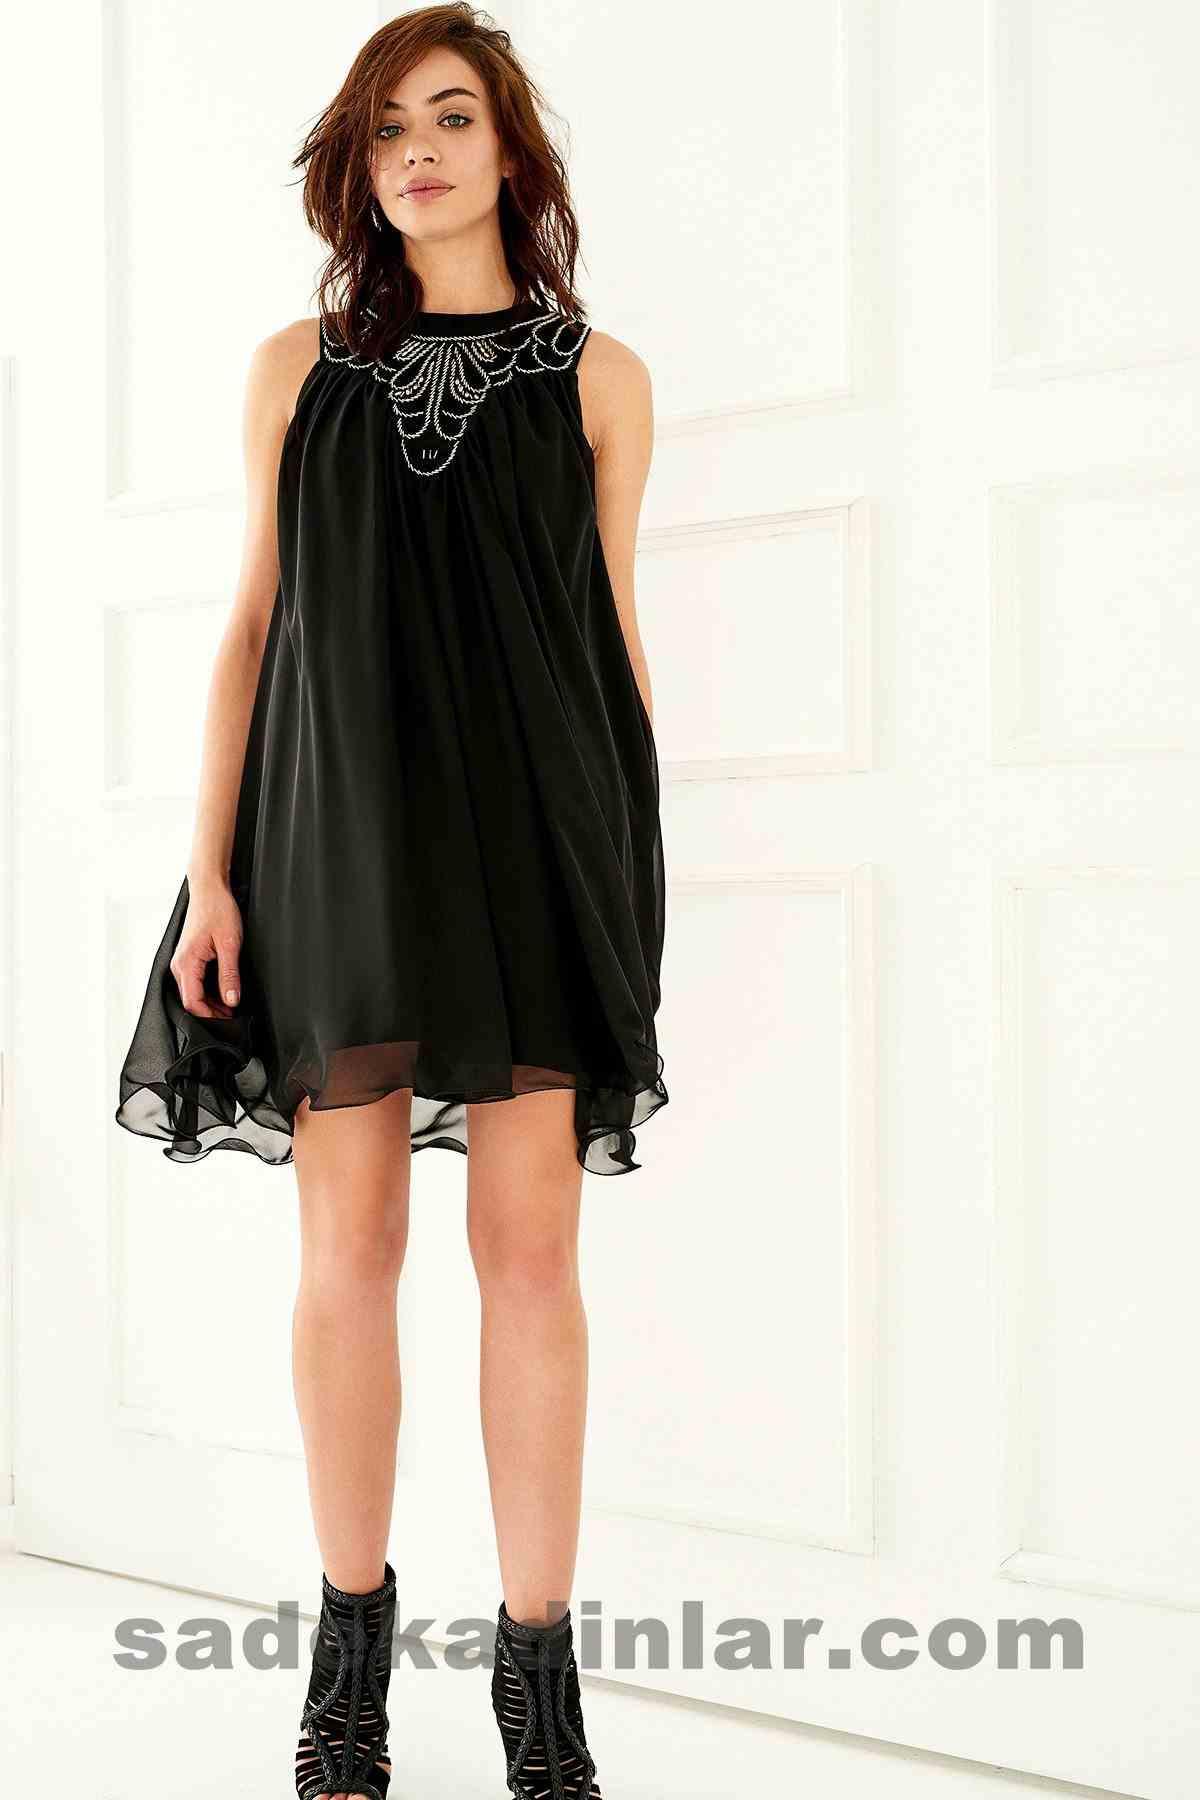 Abiye Elbise Modelleri Şık ve Güzel 2019 Gece Elbiseleri Siyah Şifon İşlemeli